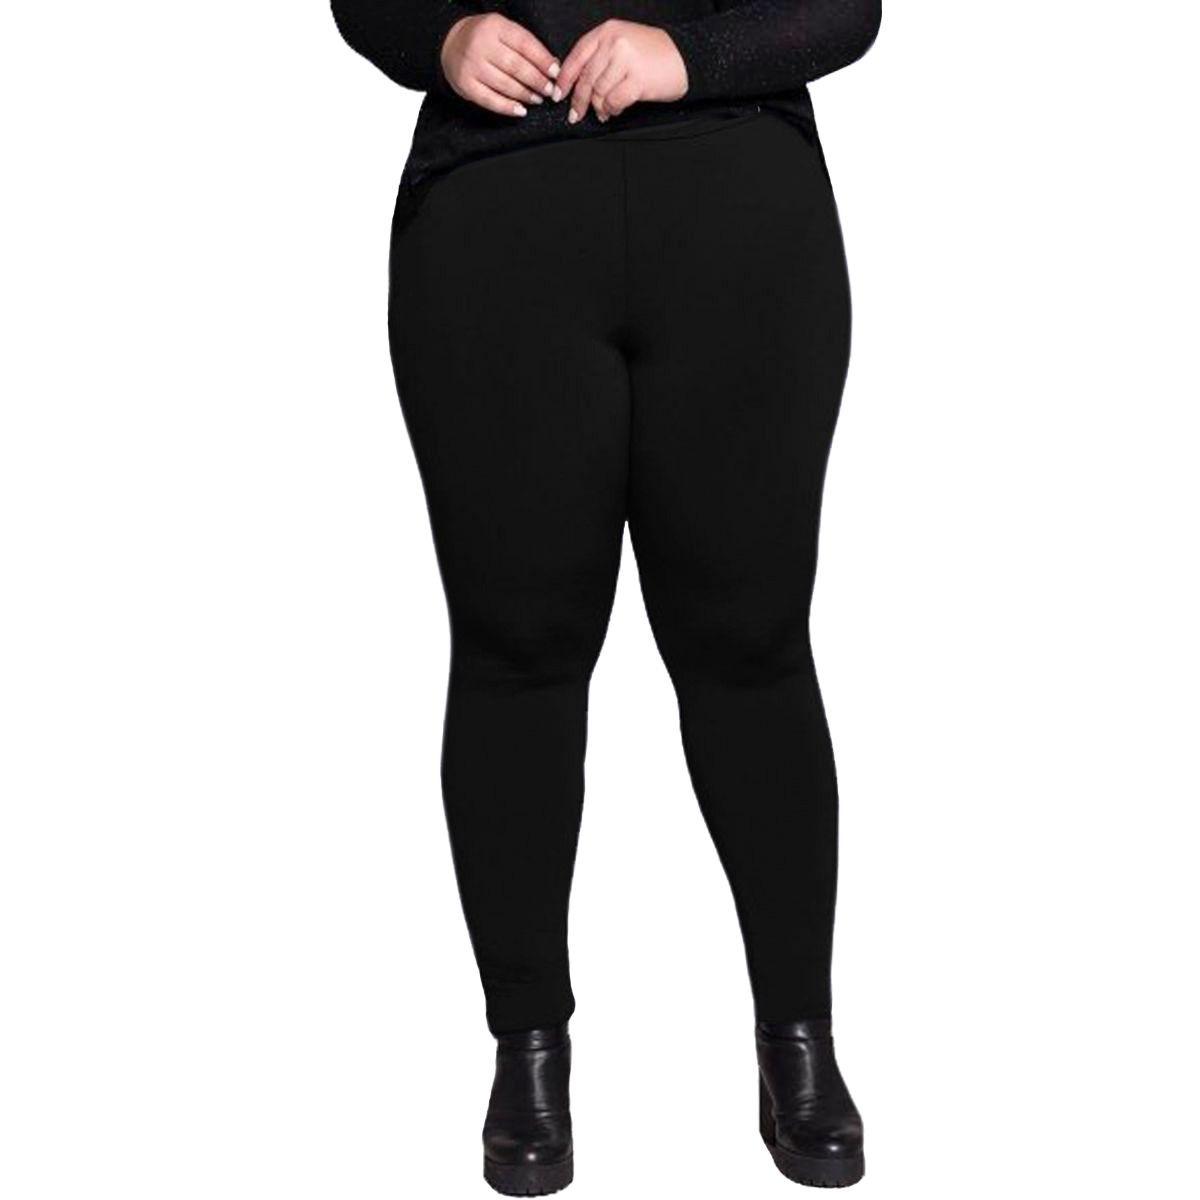 f03eb8122 calça legging suplex plus size pelucia feminina leg preta. Carregando zoom.